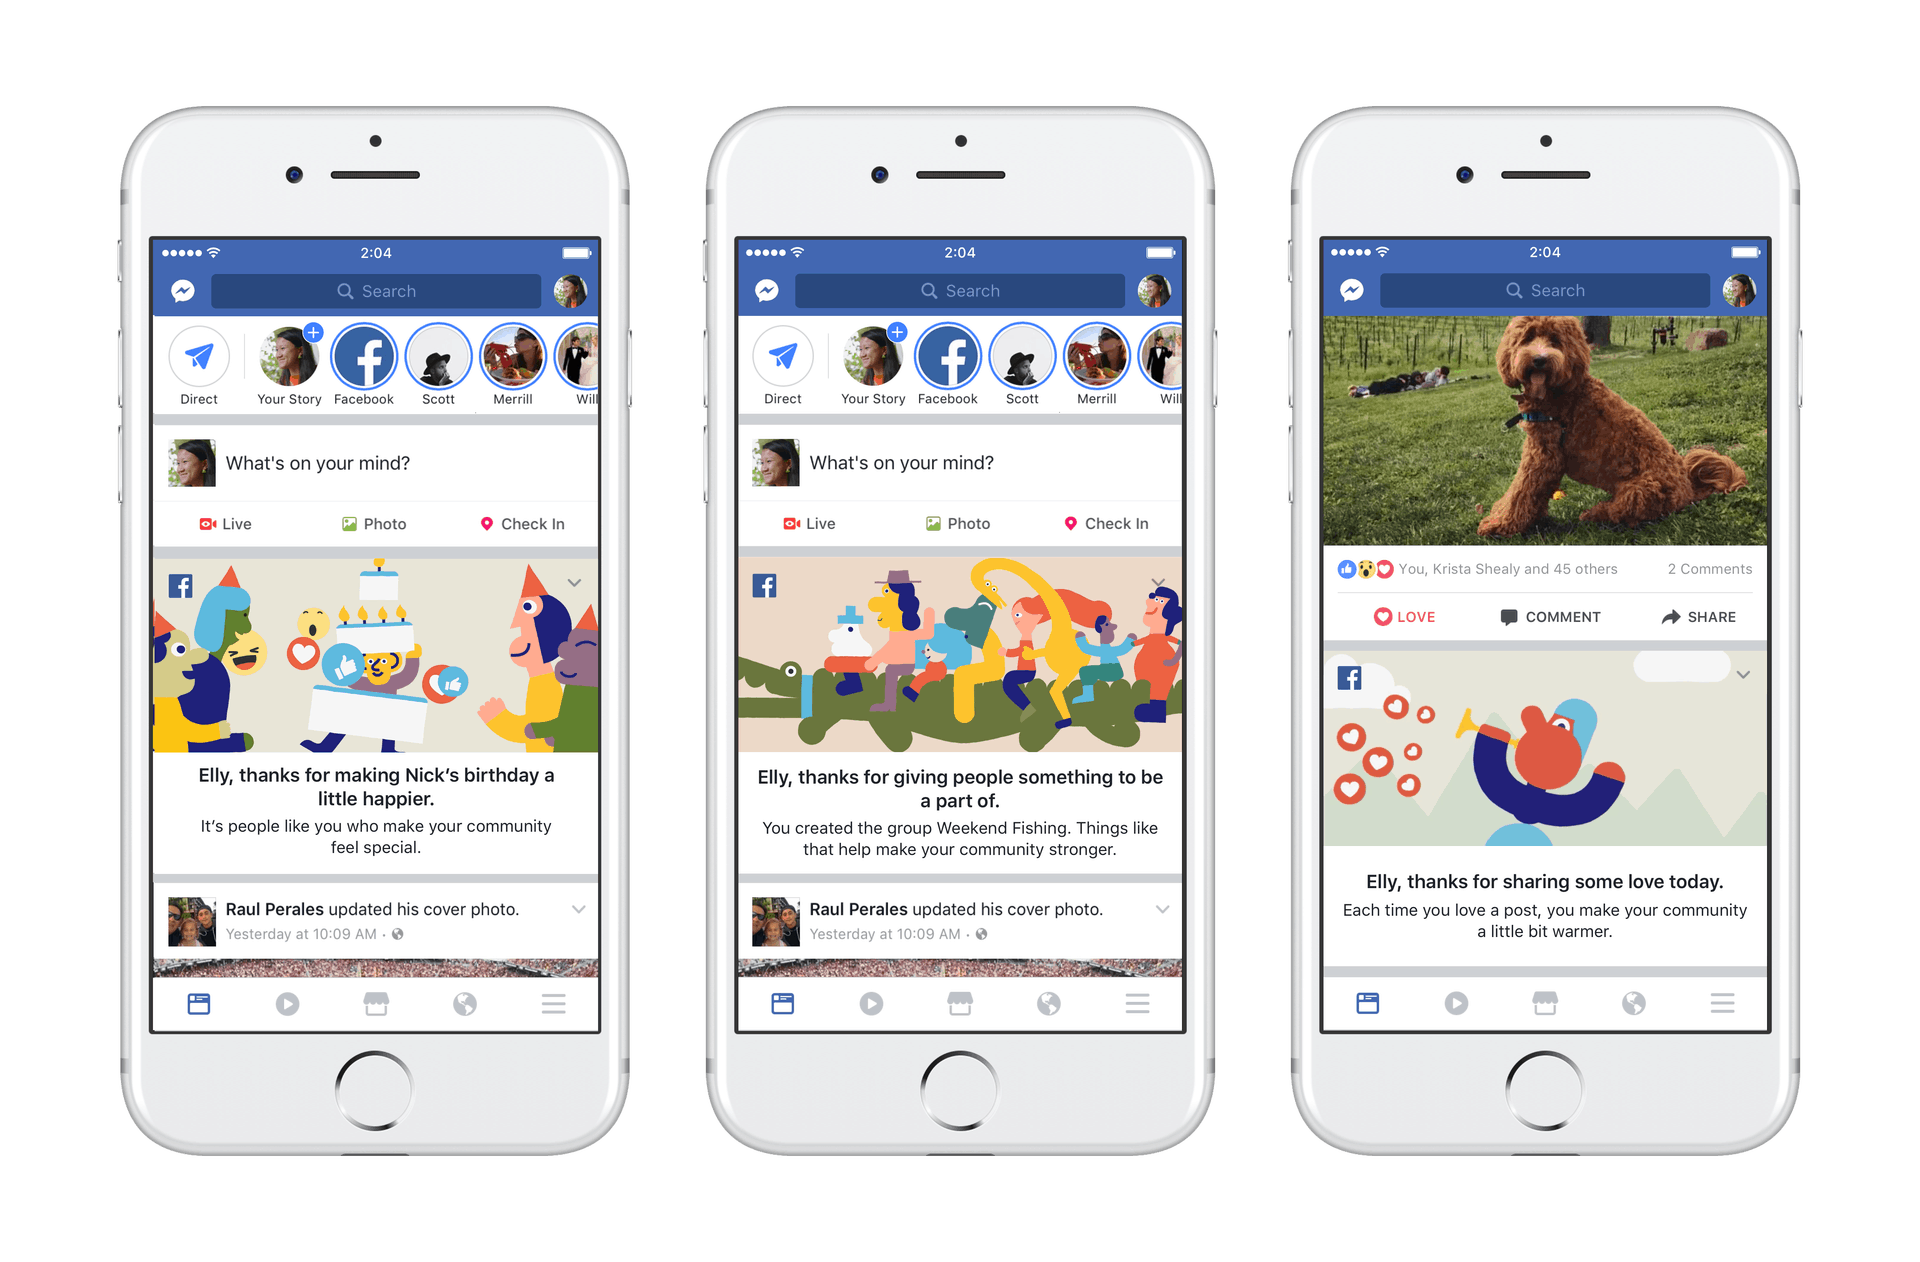 Jak zrušit nebo deaktivovat Facebook? Máme rady jak jej rychle zrušit